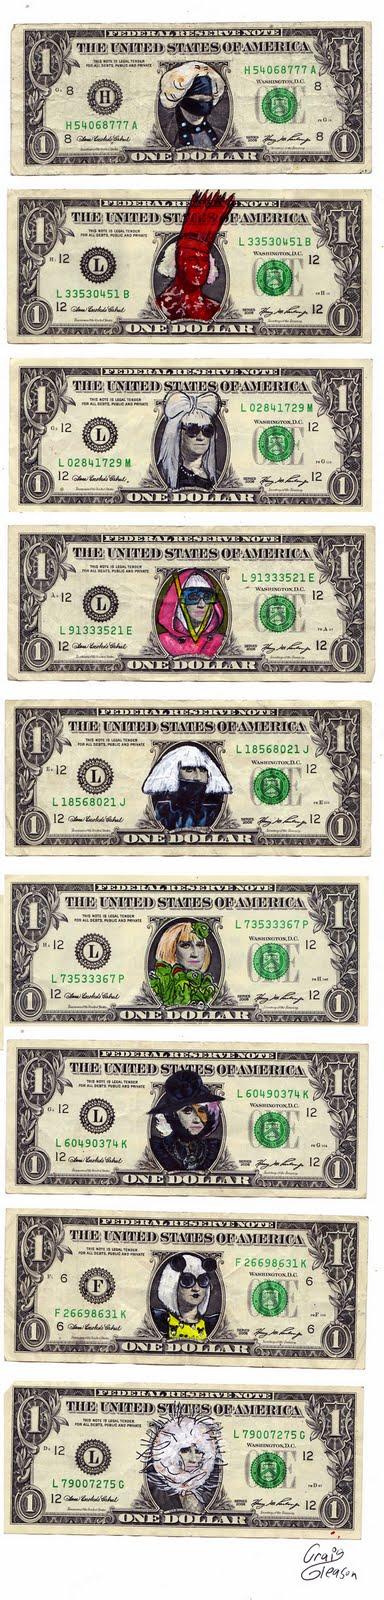 dollar bill artist. dollar bill artist.